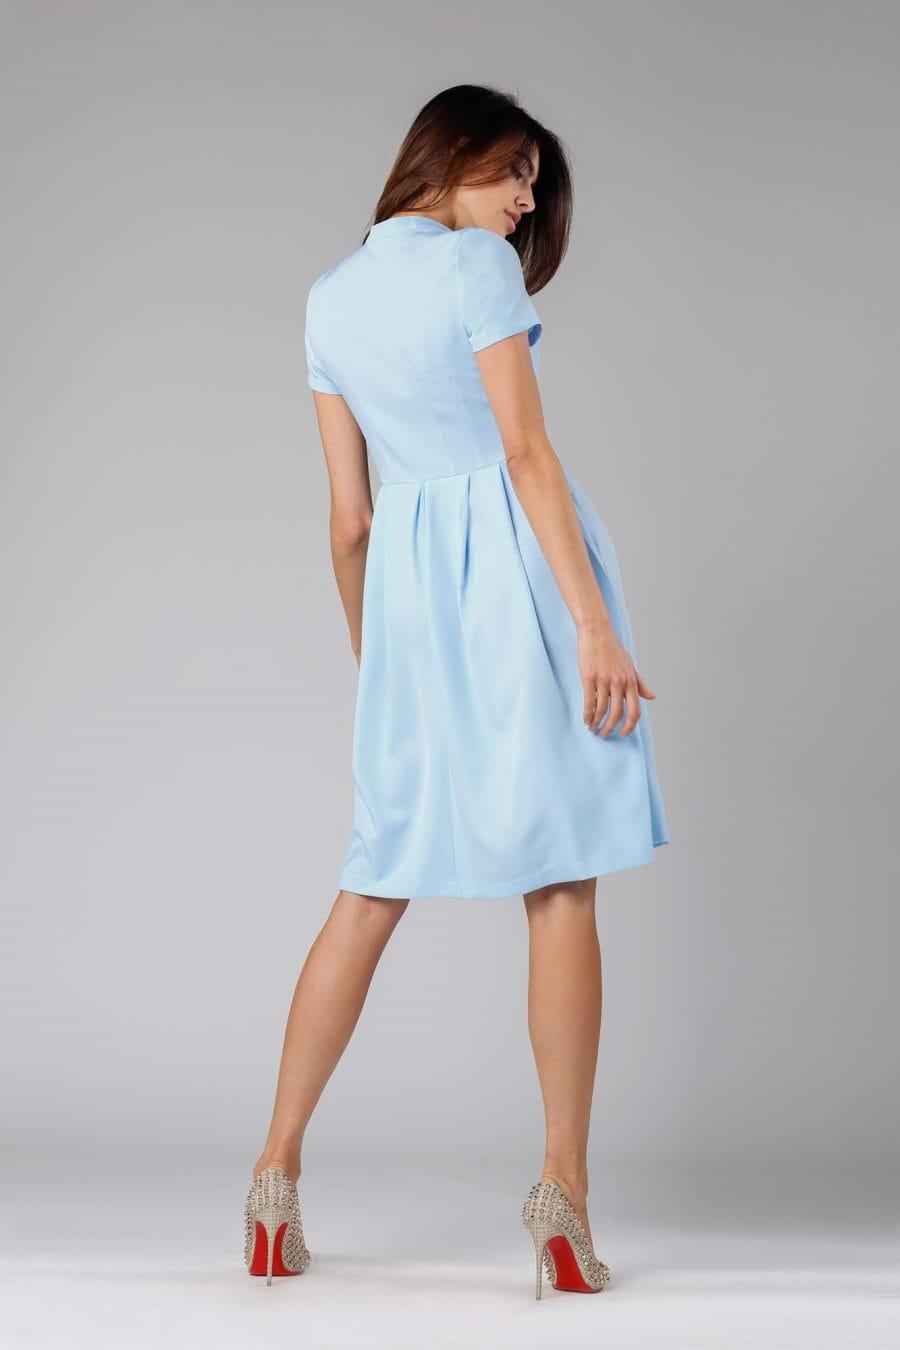 32b1dbb2 Rozkloszowana Sukienka z Guzikami Jasnoniebieska NA1131